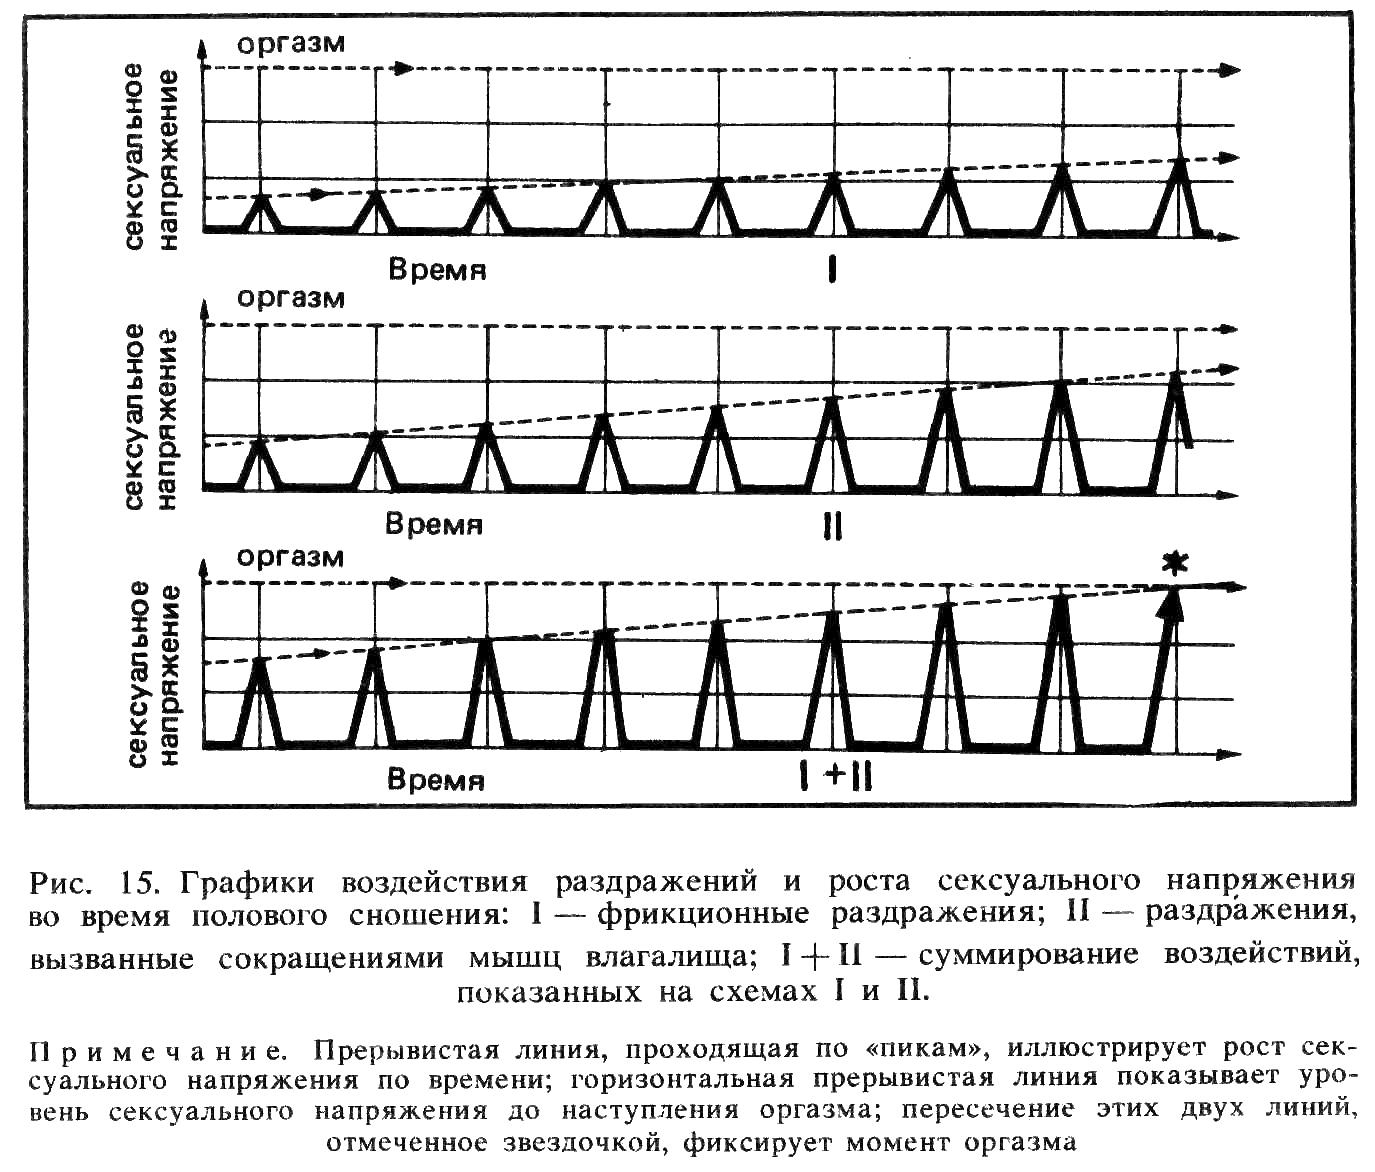 Схема фрикций в вагине 28 фотография